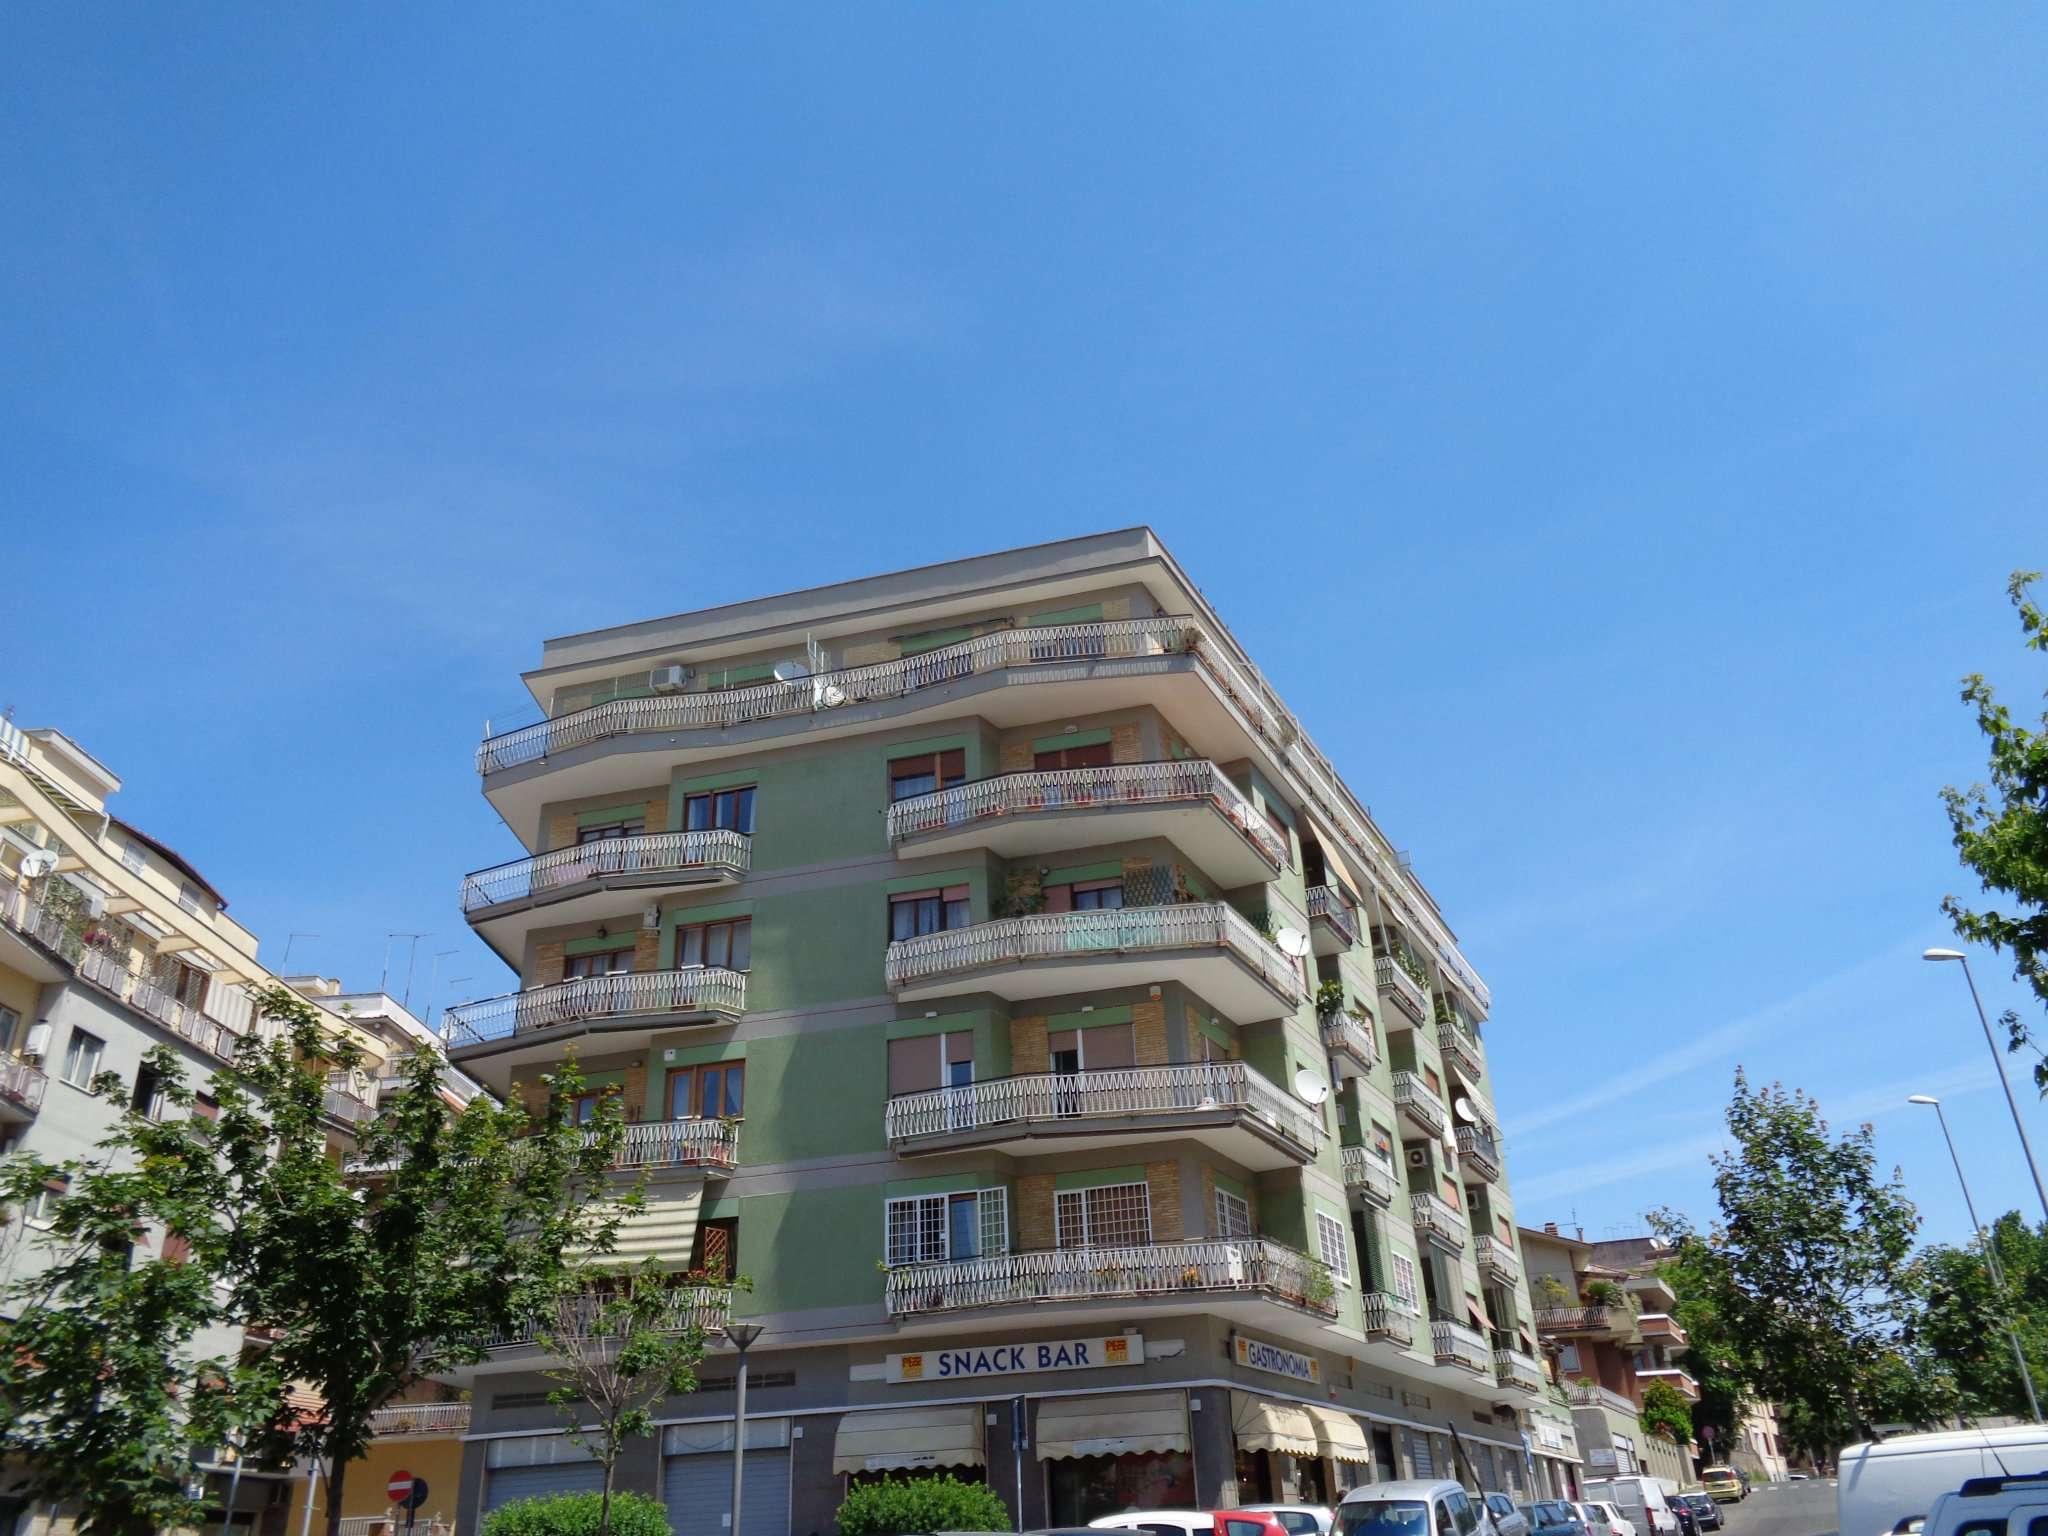 Appartamento in vendita a Roma, 5 locali, zona Zona: 15 . Appio Latino, Appia Antica, Furio Camillo, Alberone, prezzo € 770.000   CambioCasa.it